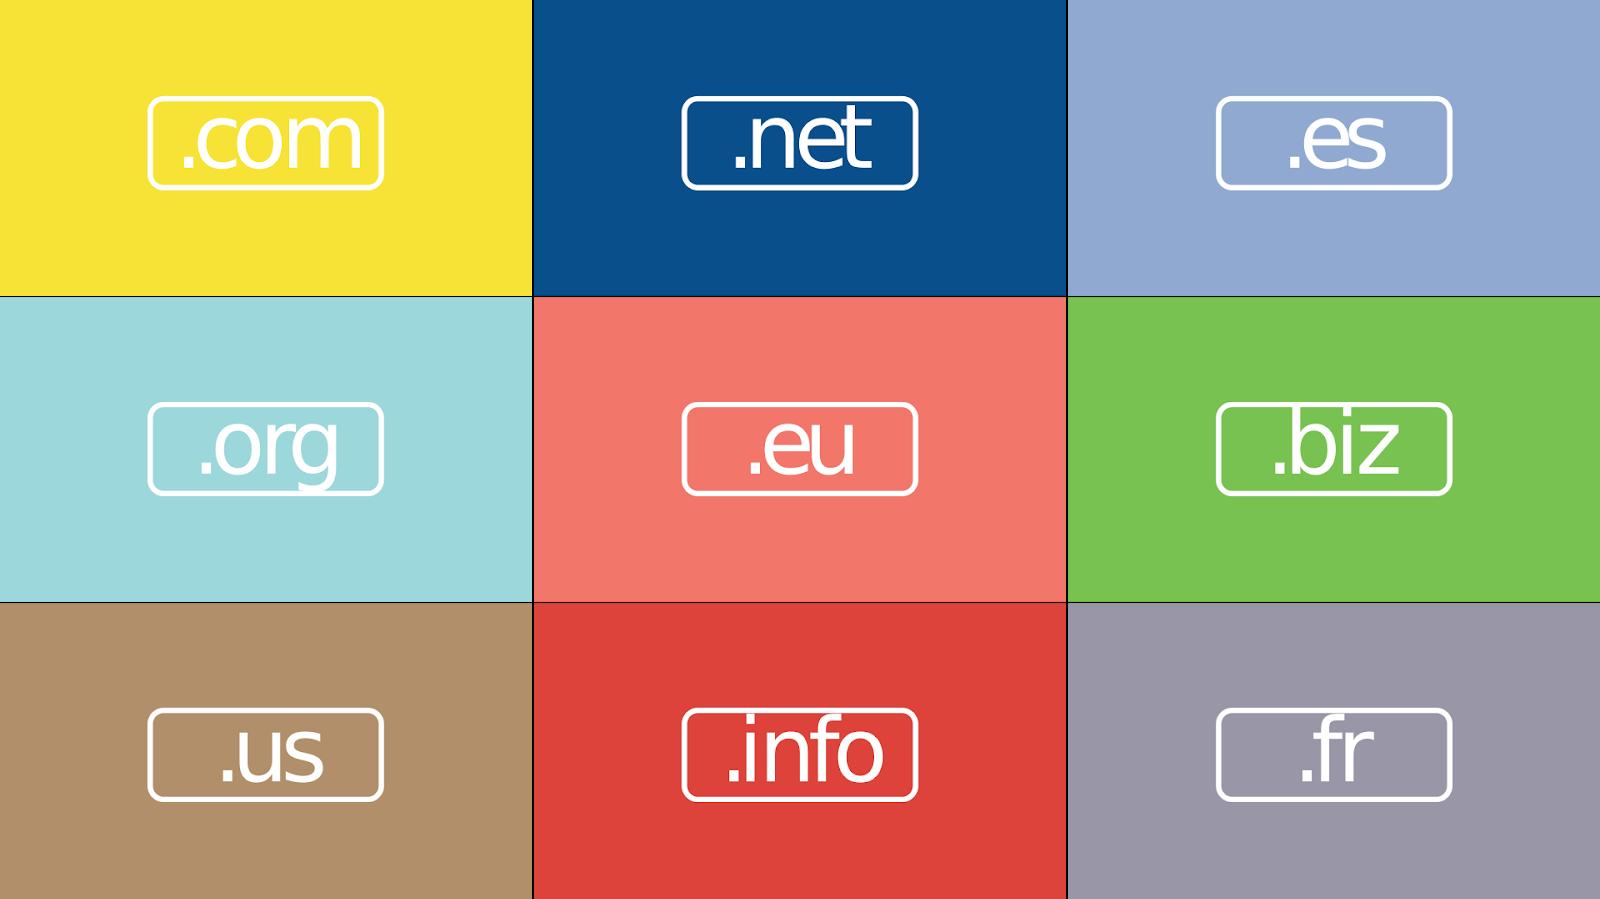 Bagaimana Cara Memilih Nama Domain Yang Tepat Untuk Blog atau Website Tips Memilih Nama Domain Untuk Web dan Blog Pribadi